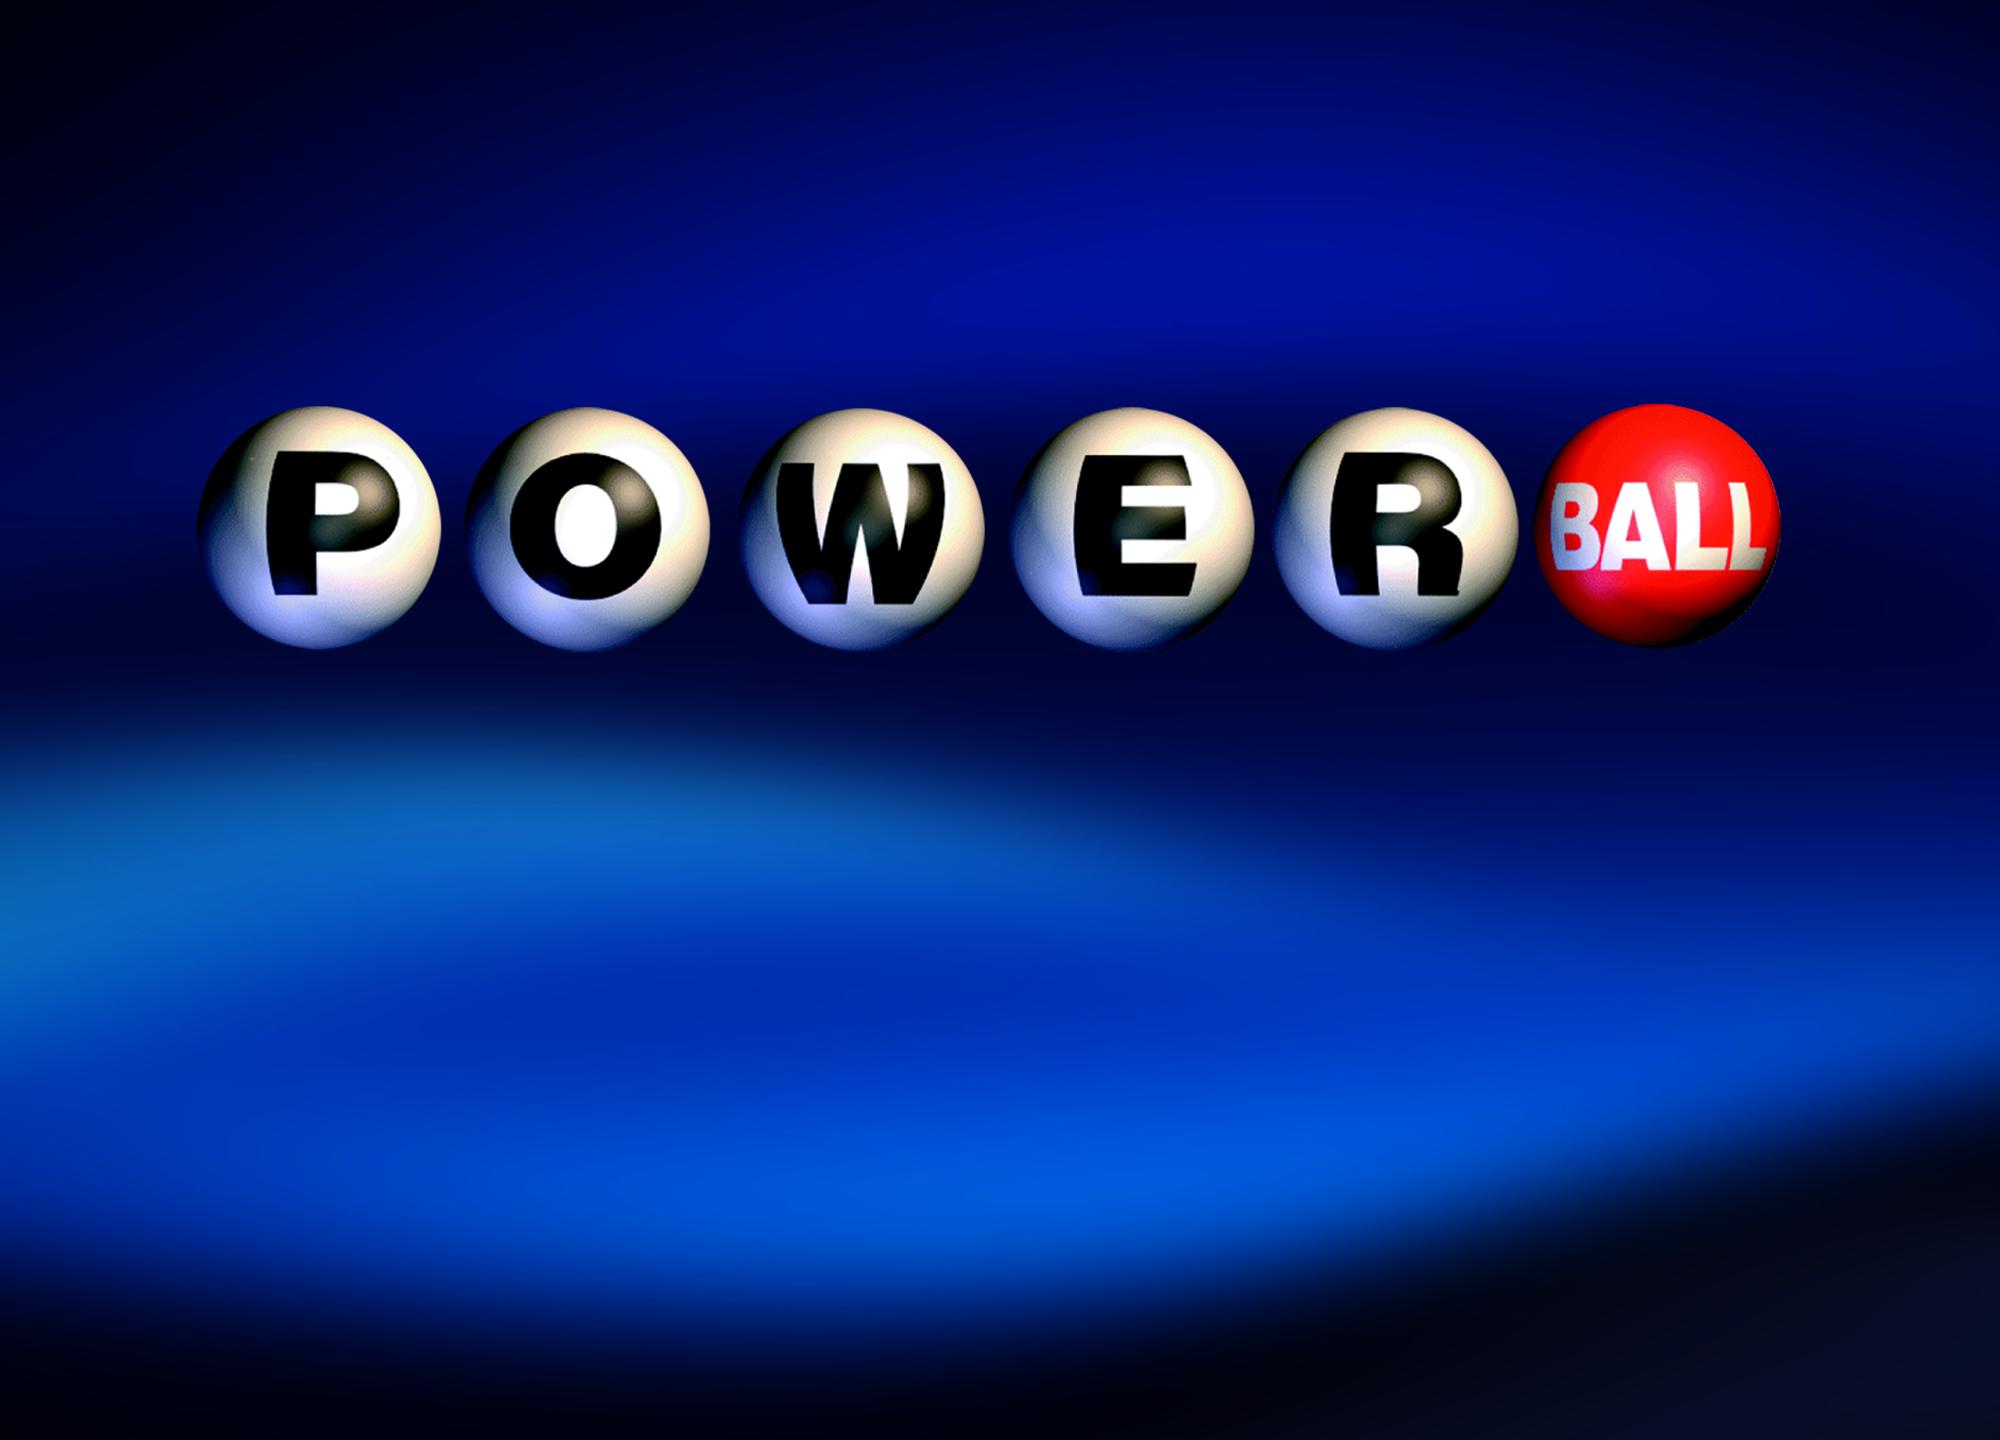 Powerball_326669